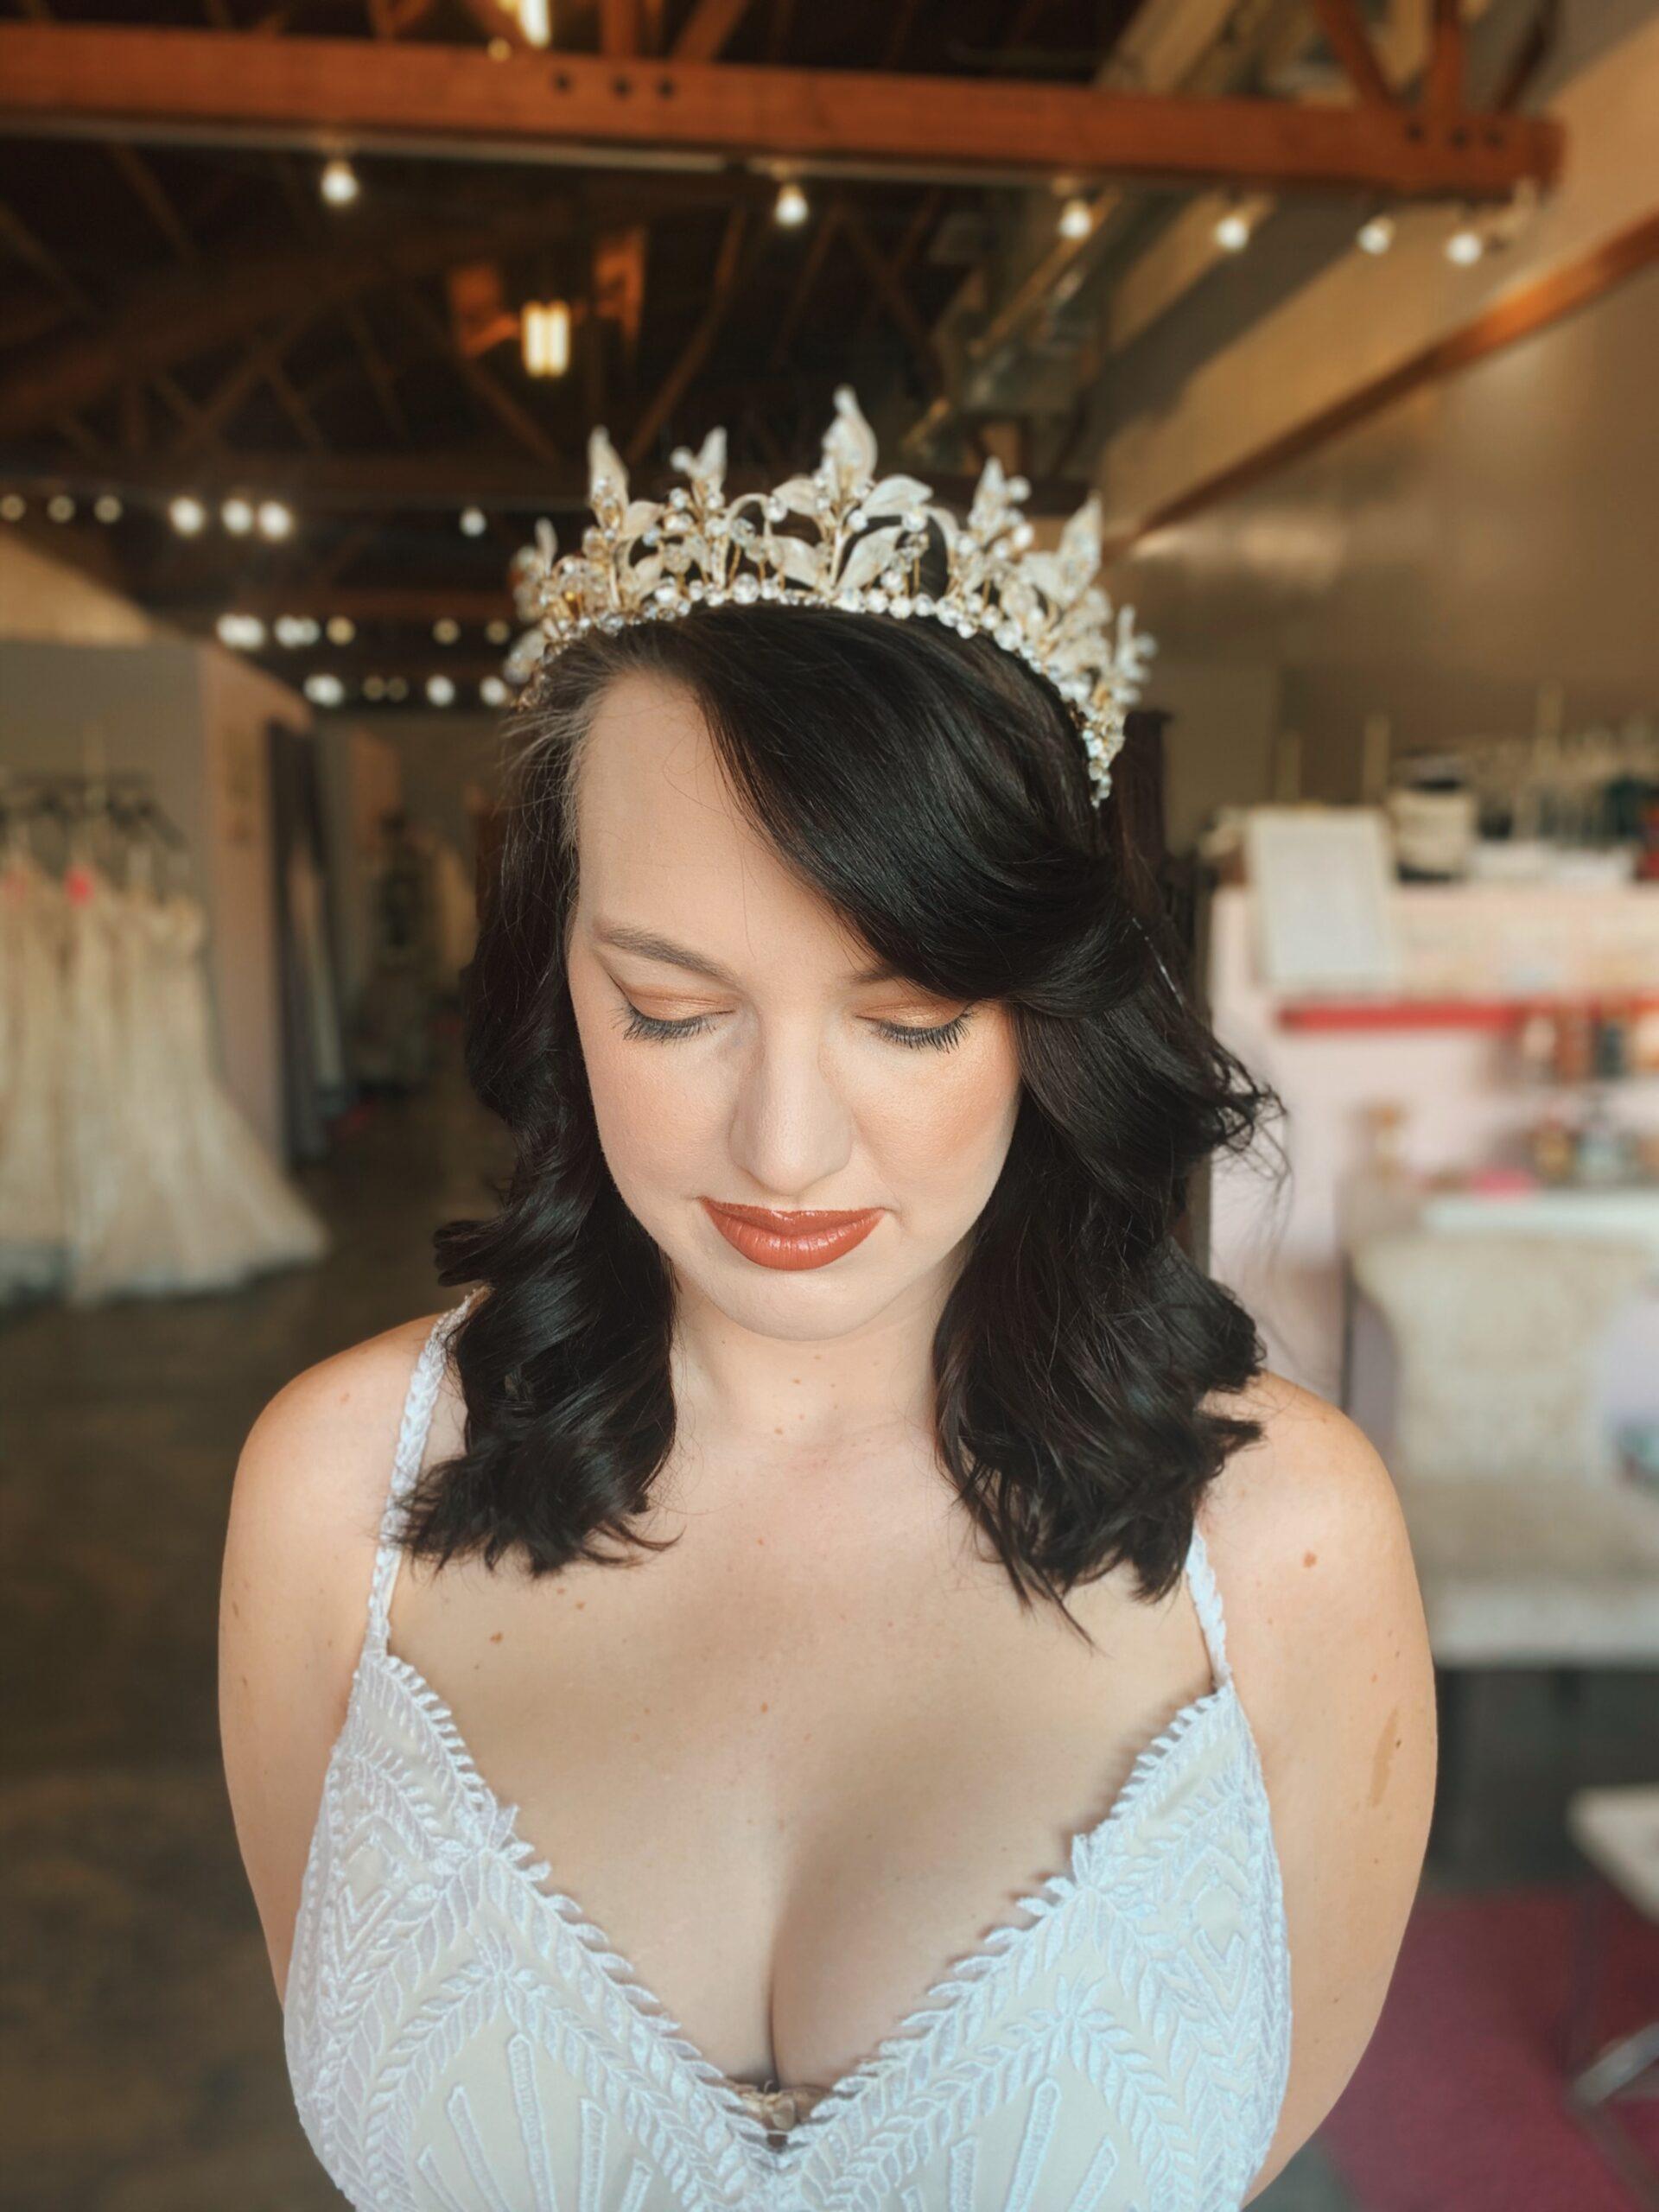 Disney Princess Inspired Wedding Dresses- Princess Ariel, Princess Pocahontas, & Princess Aurora!